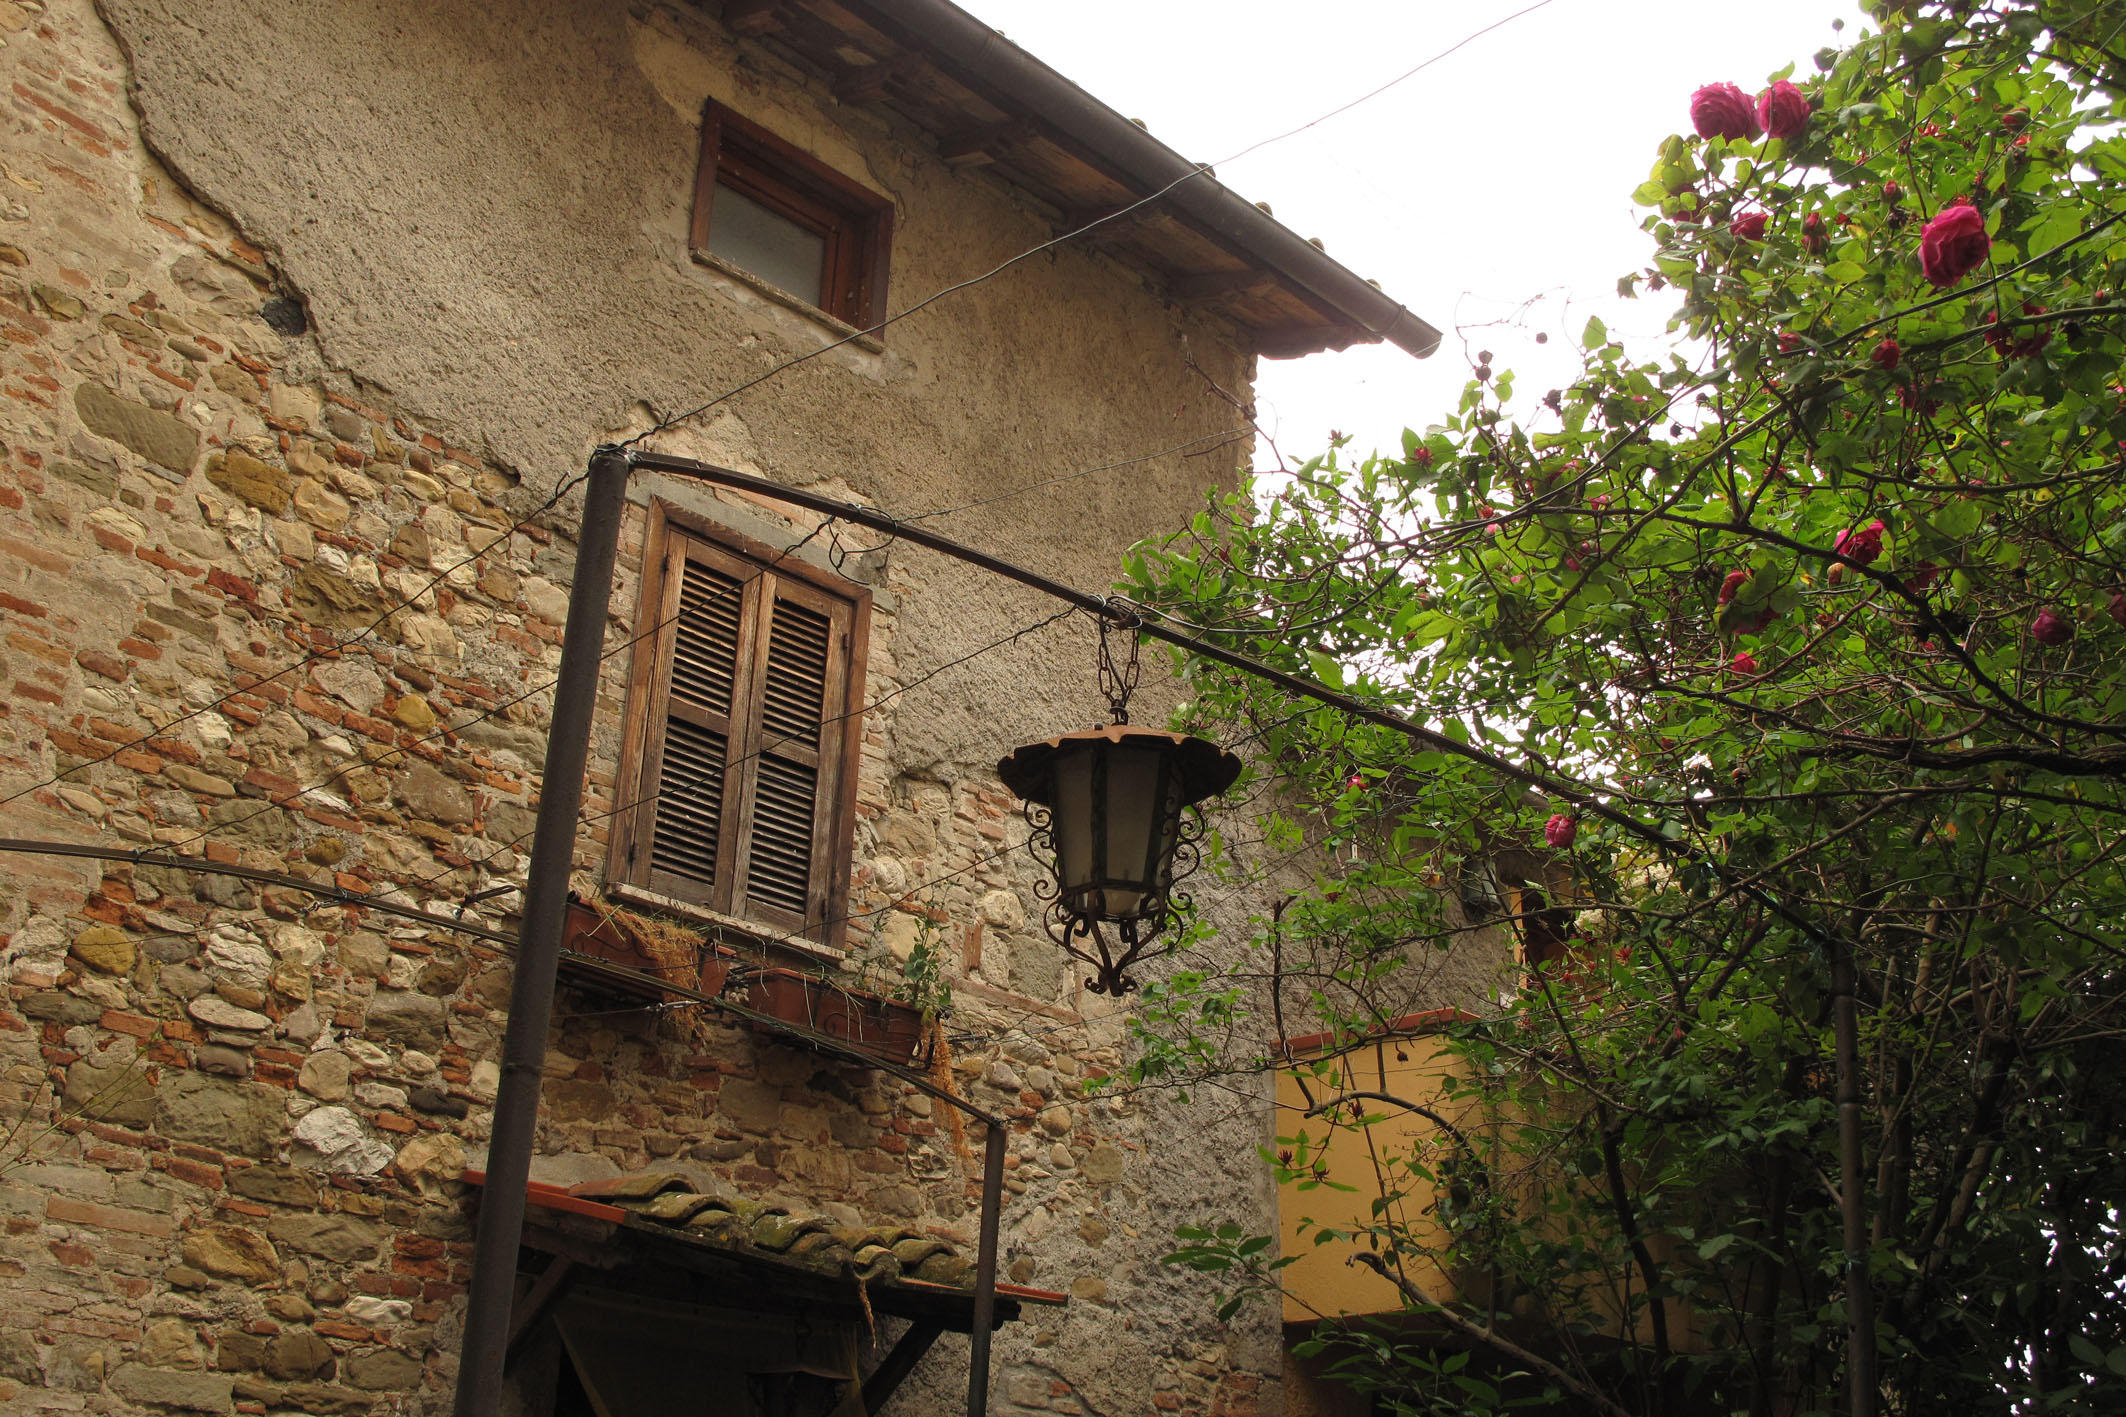 Esplora Anghiari con le nostre visite guidate personalizzate realizzate dalle nostre guide turistiche abilitate